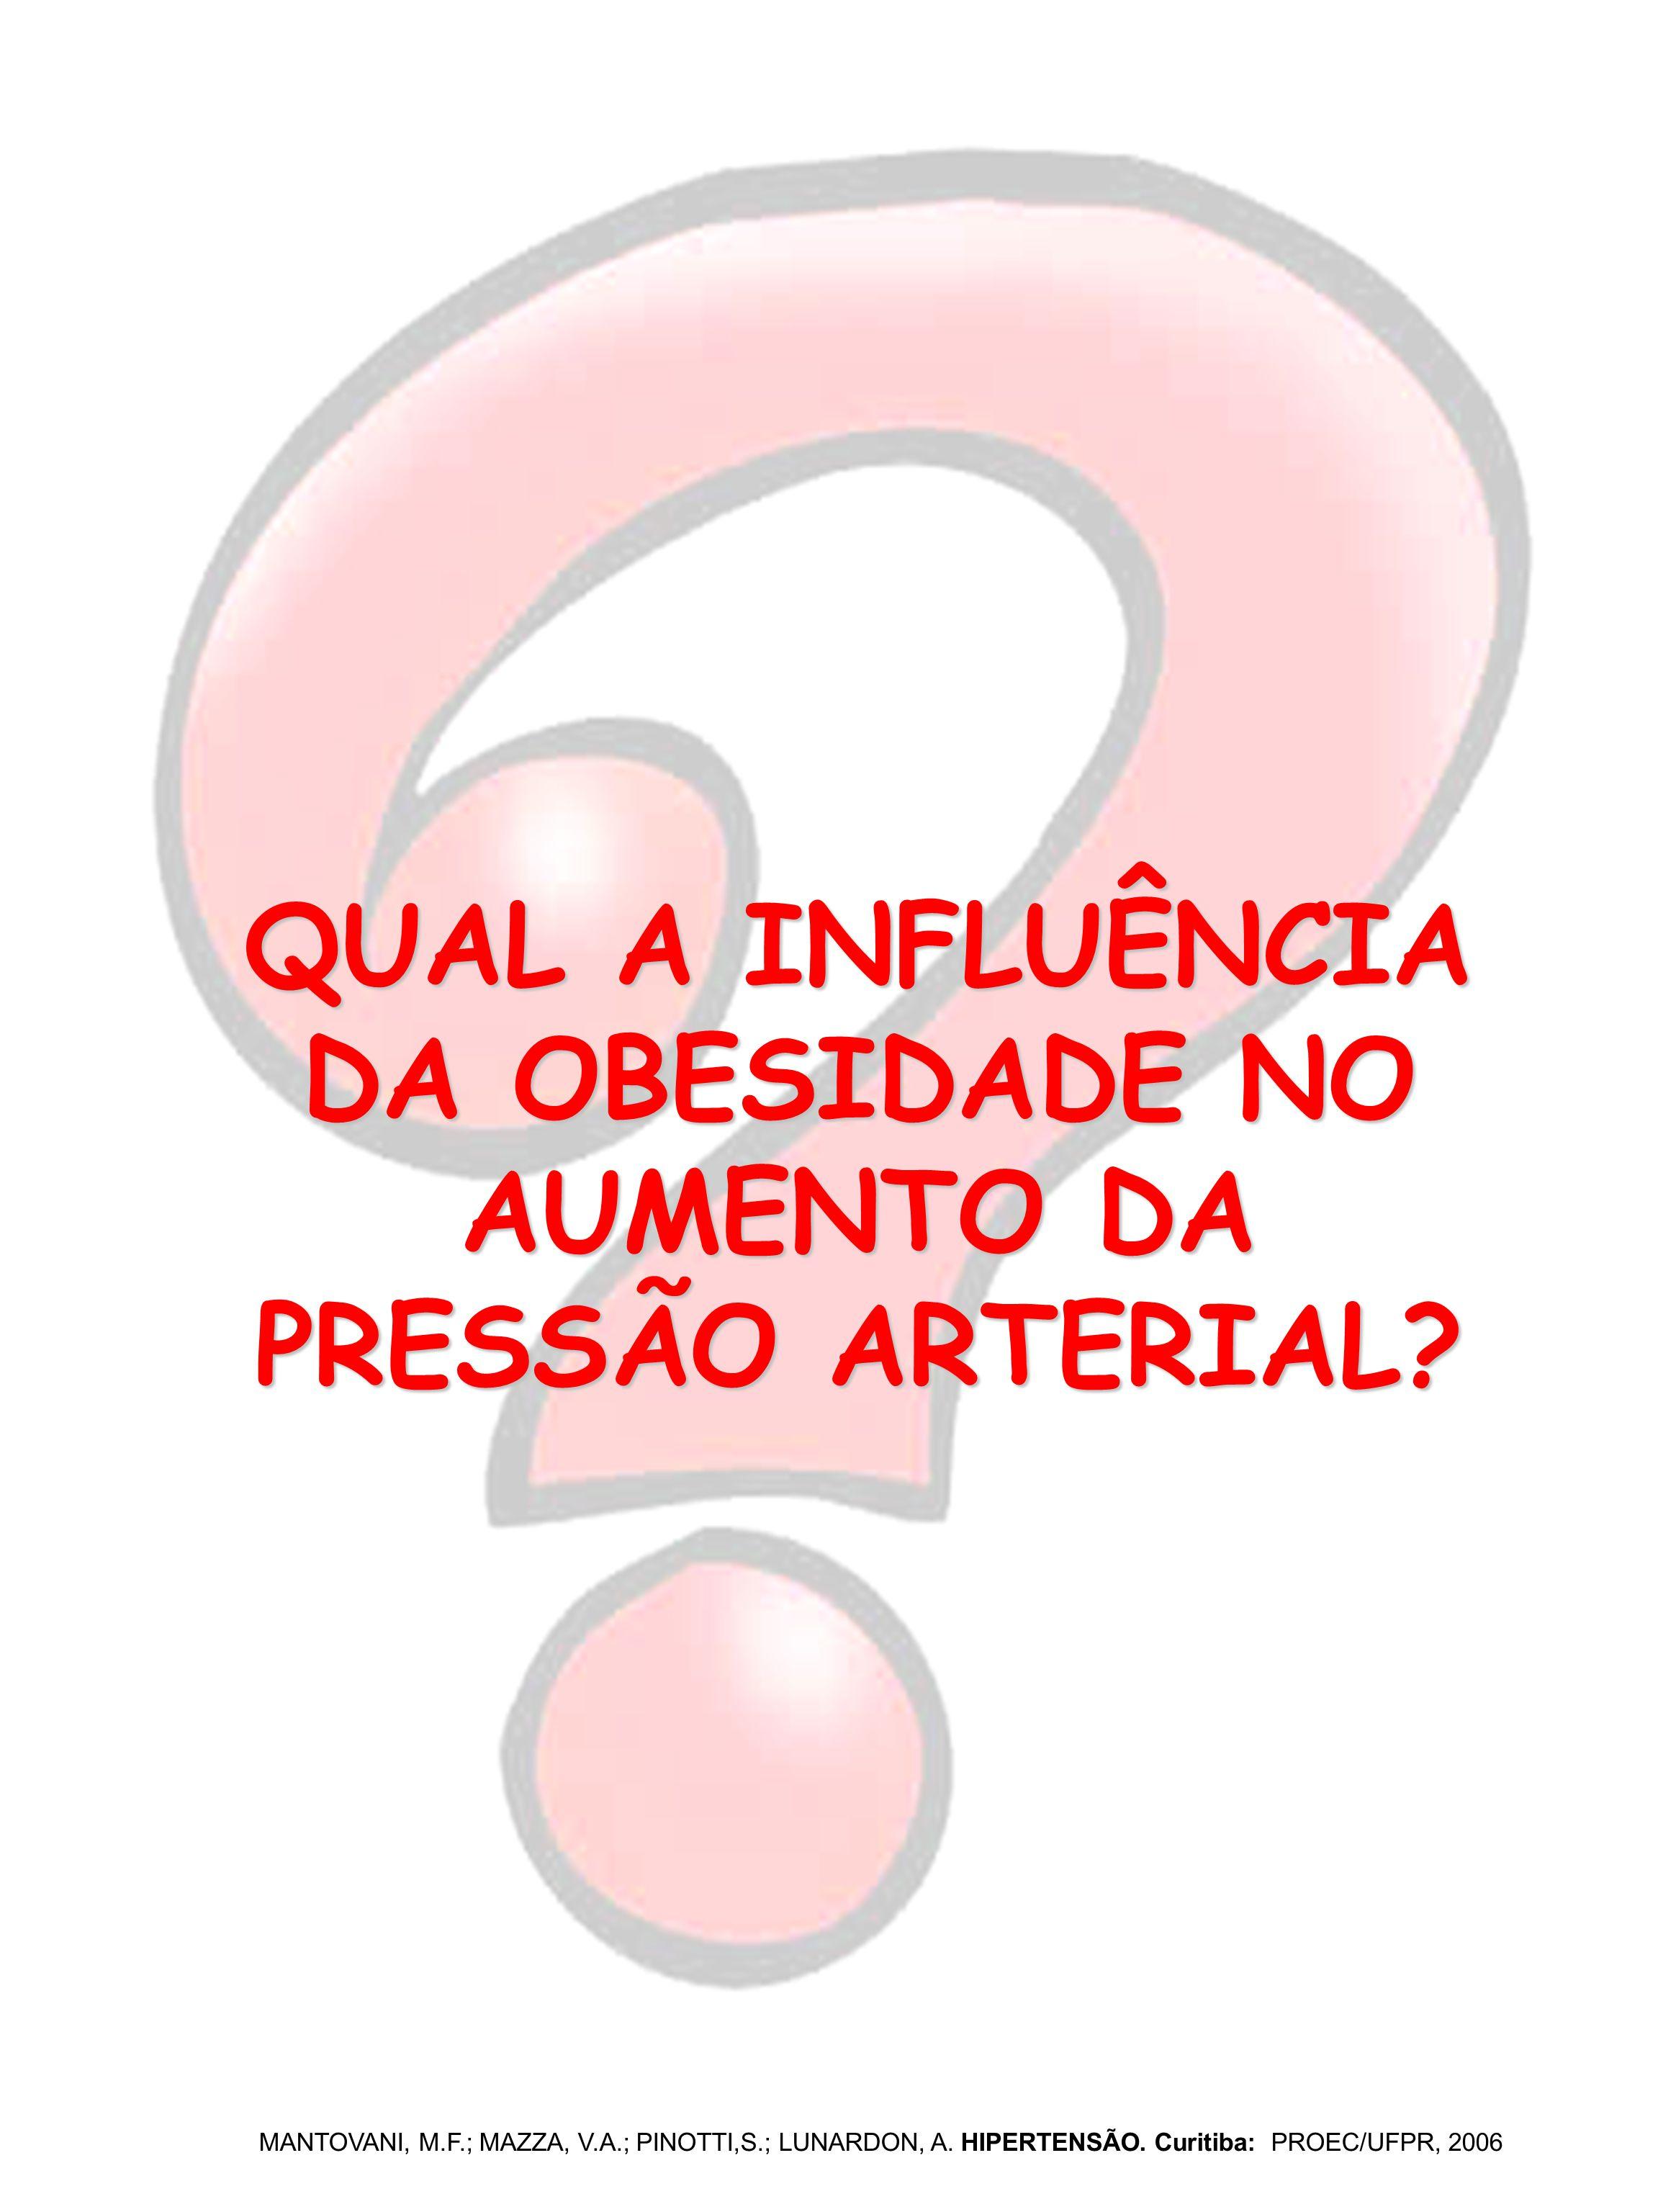 QUAL A INFLUÊNCIA DA OBESIDADE NO AUMENTO DA PRESSÃO ARTERIAL? MANTOVANI, M.F.; MAZZA, V.A.; PINOTTI,S.; LUNARDON, A. HIPERTENSÃO. Curitiba: PROEC/UFP